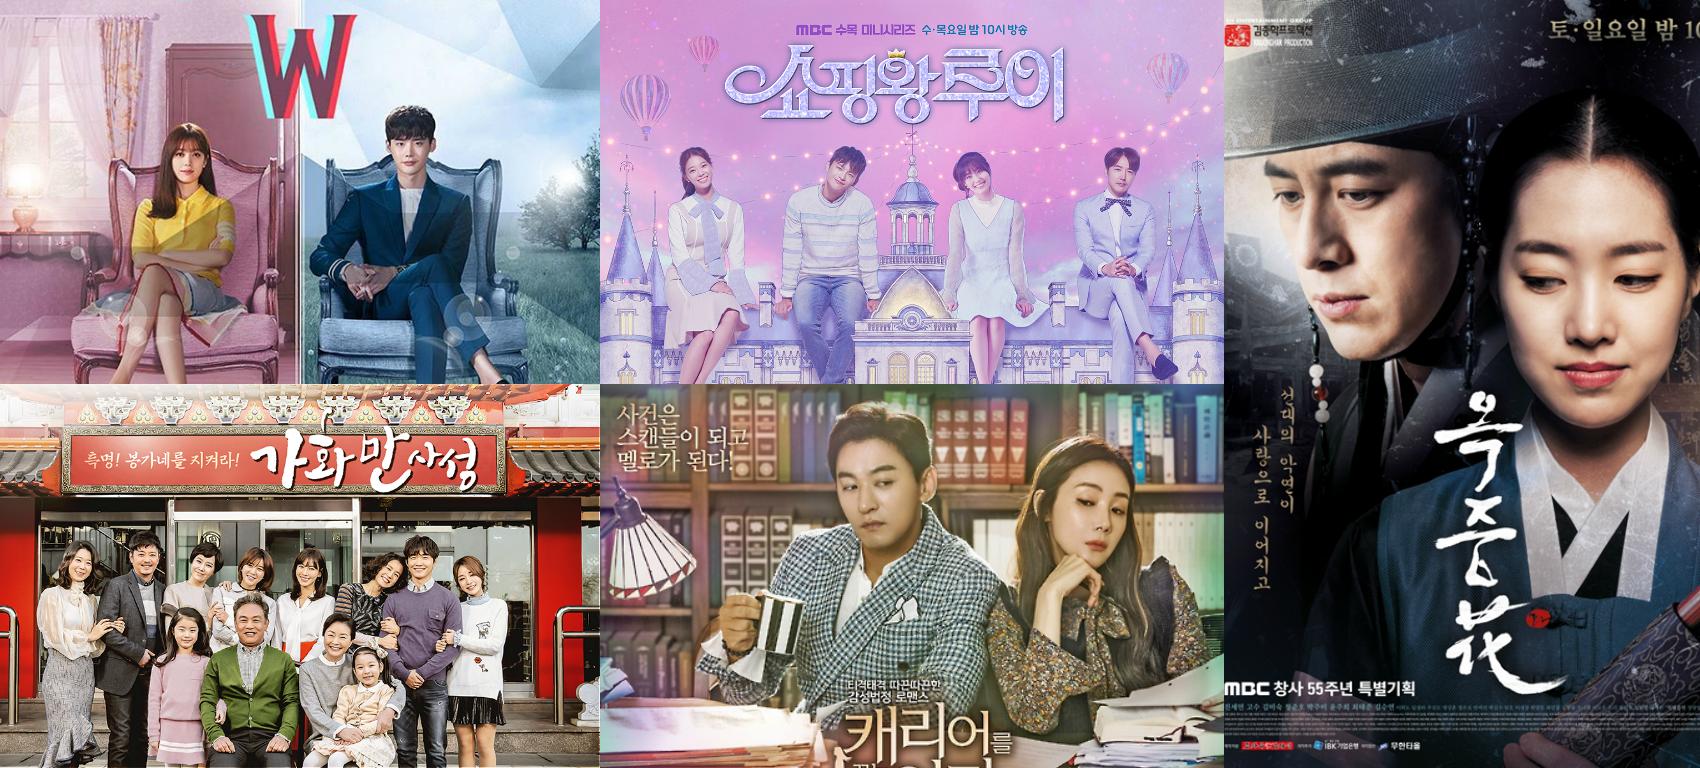 El ganador del Gran Premio para los 2016 MBC Drama Awards será determinado por los votos de los espectadores